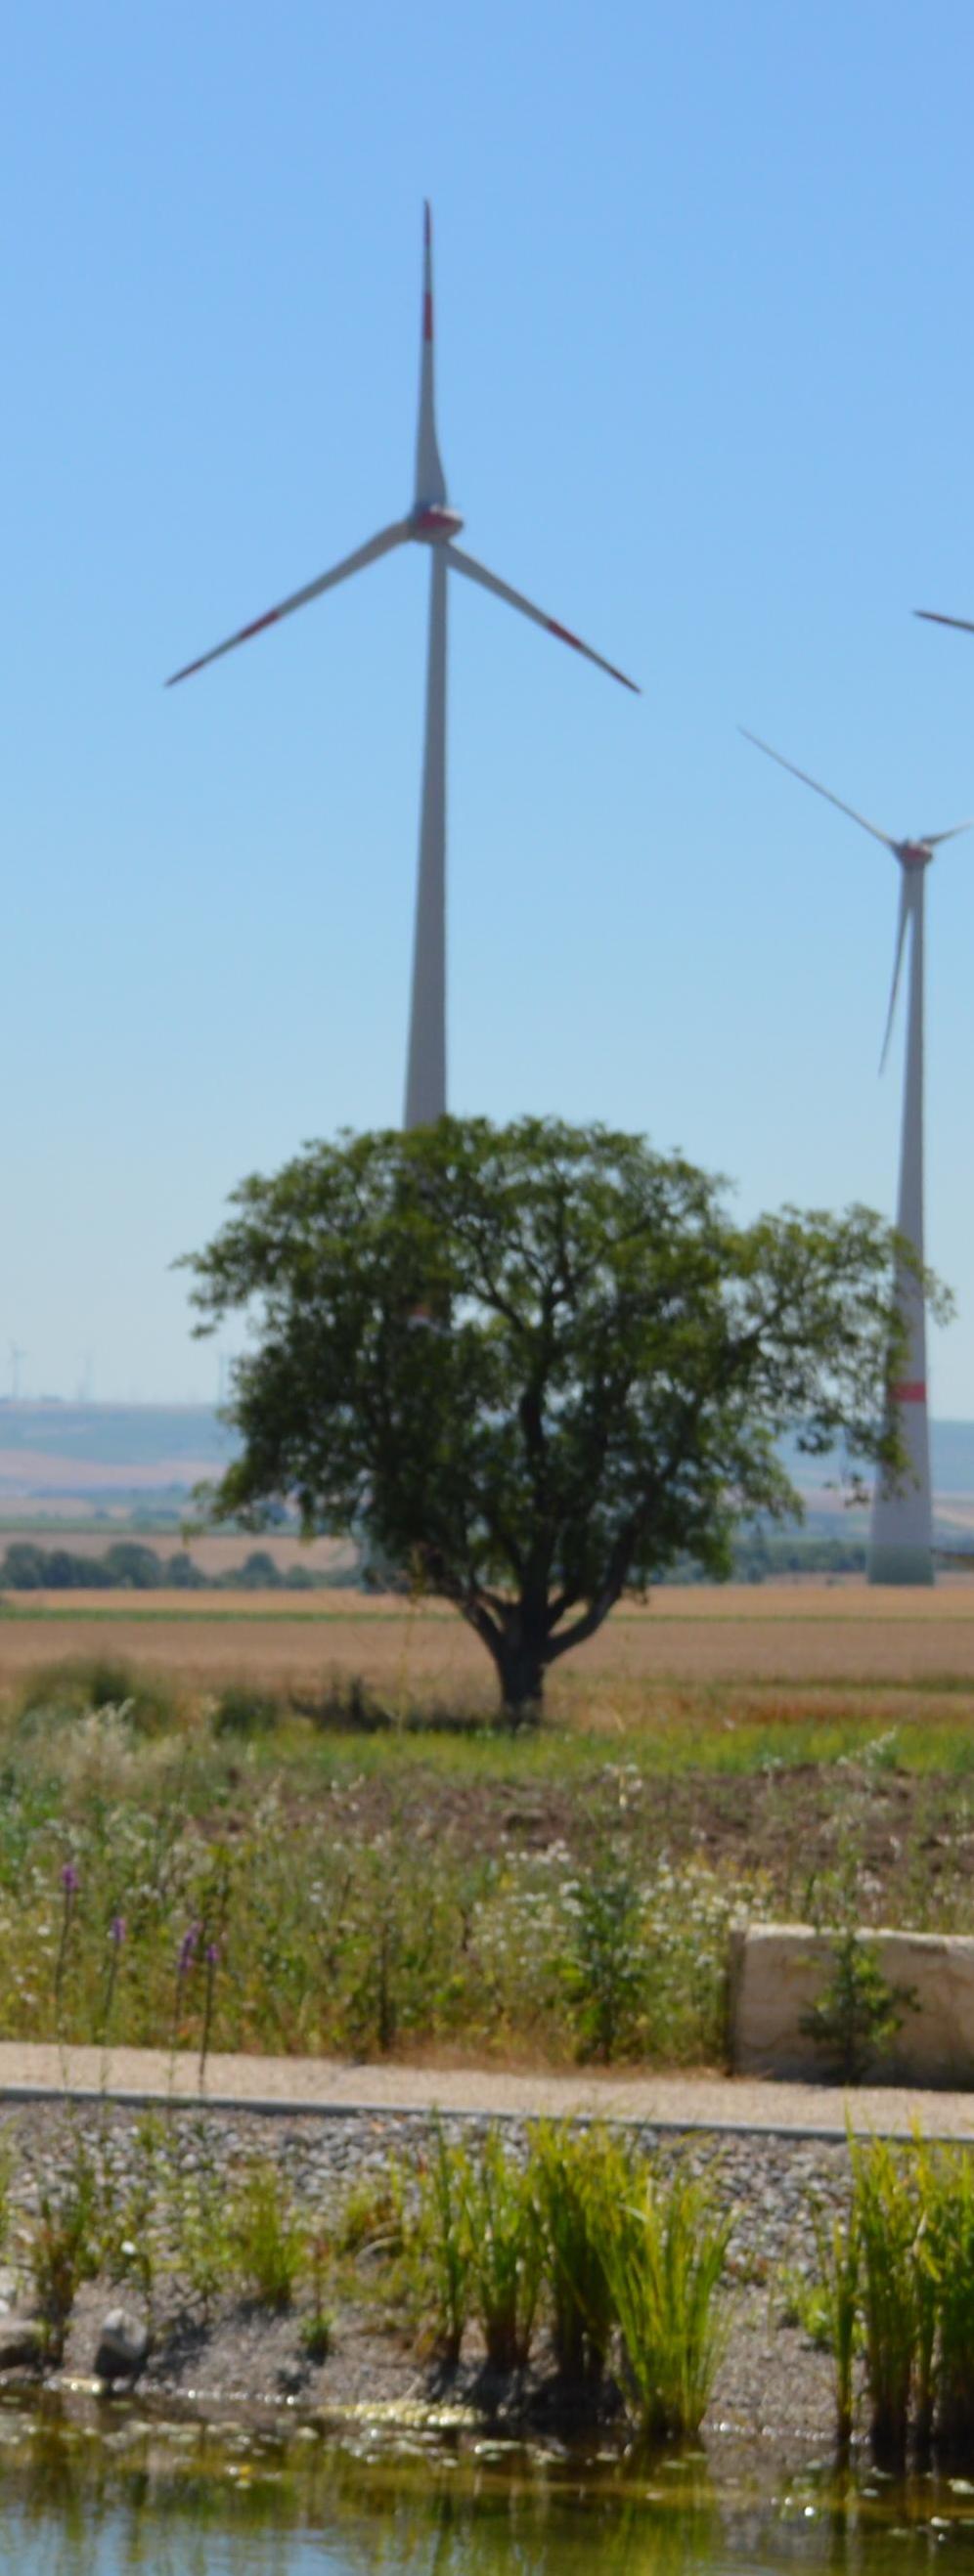 Rhein-Neckar-Zeitung im Gegenwind - Hirschberg kontra Energiewende 1